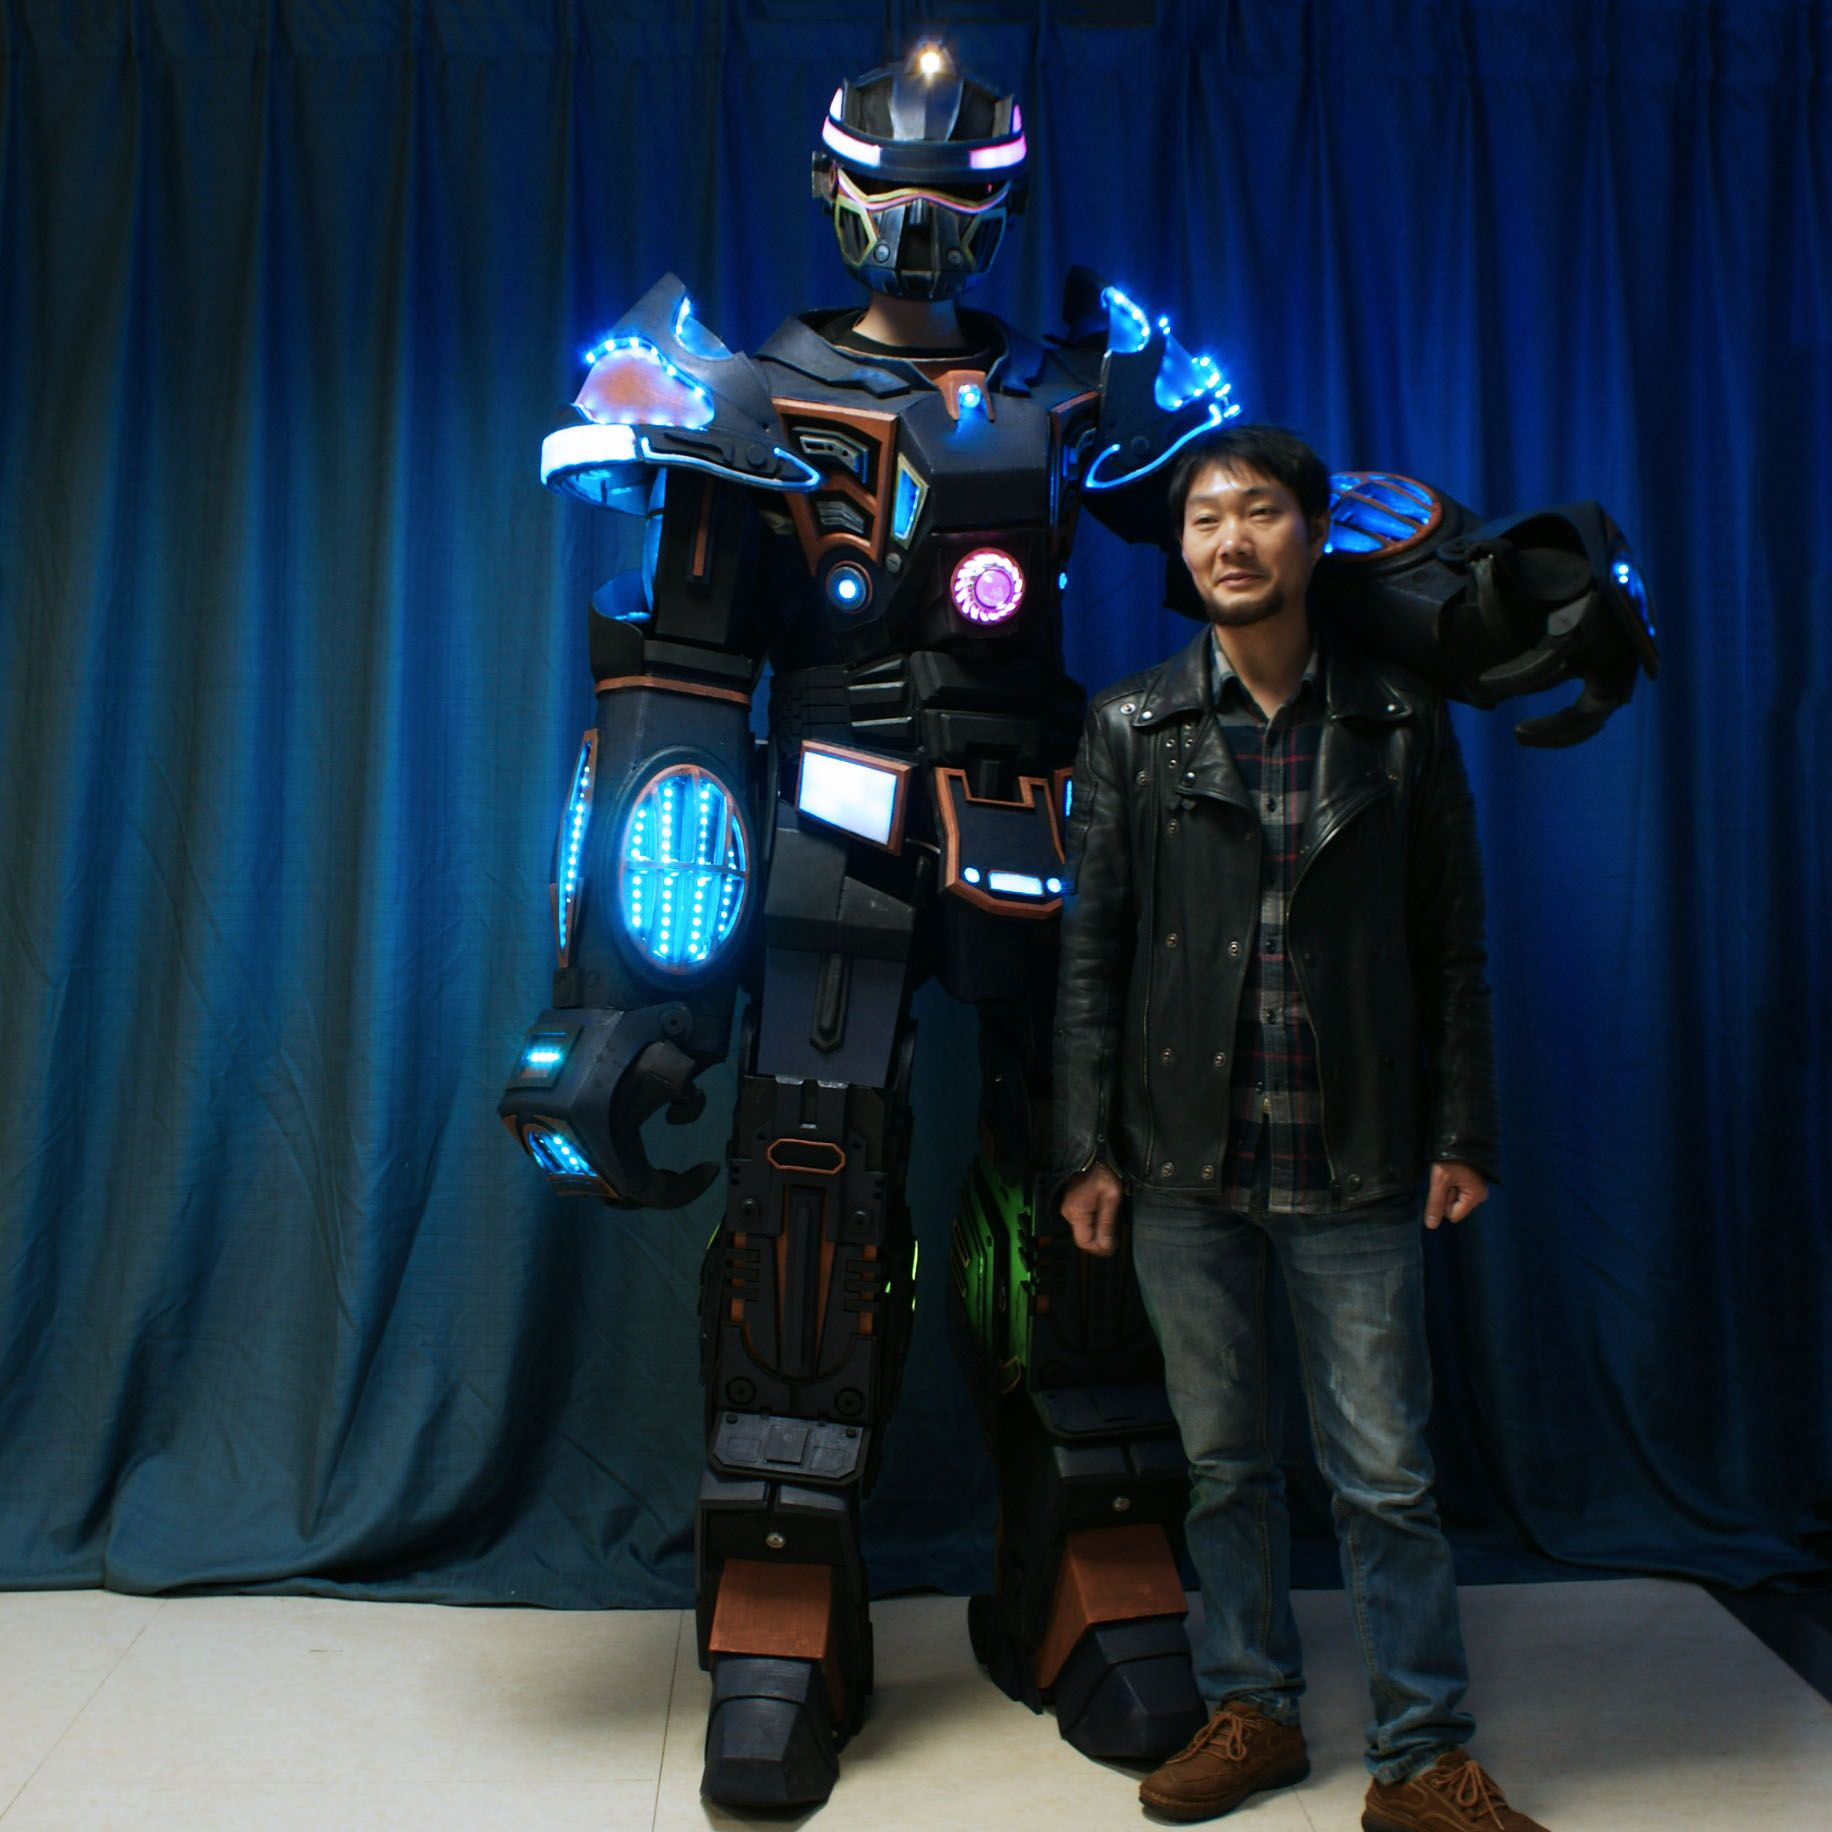 TC-1000 LED Stilt Walker Robot